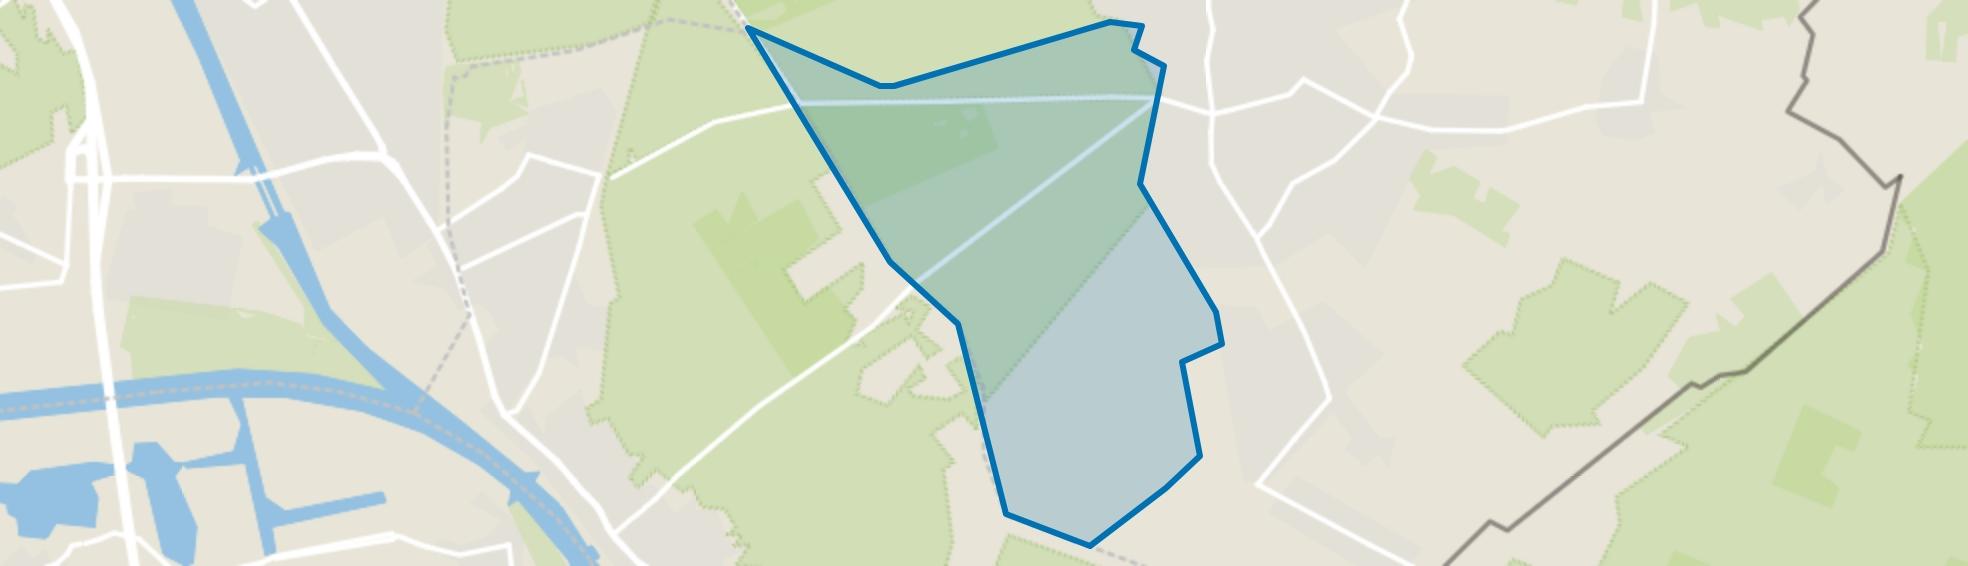 Buitengebied Groesbeek-Zuid-West, Groesbeek map